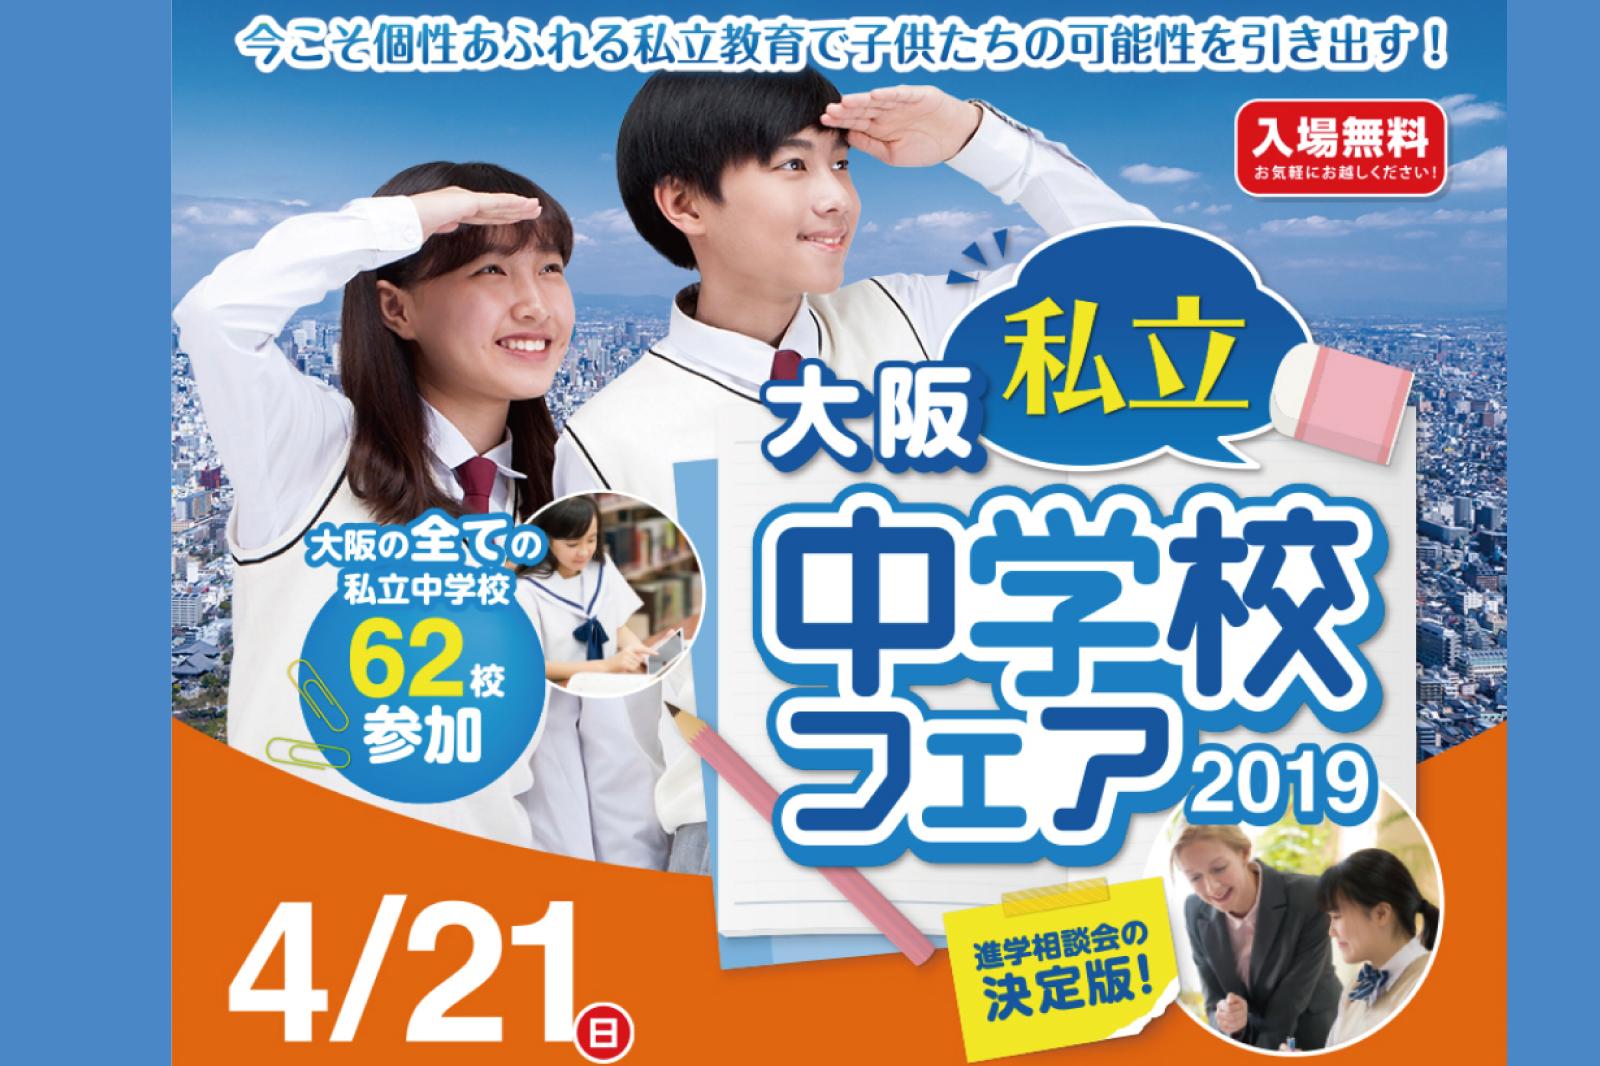 大阪私立中学校フェア2019